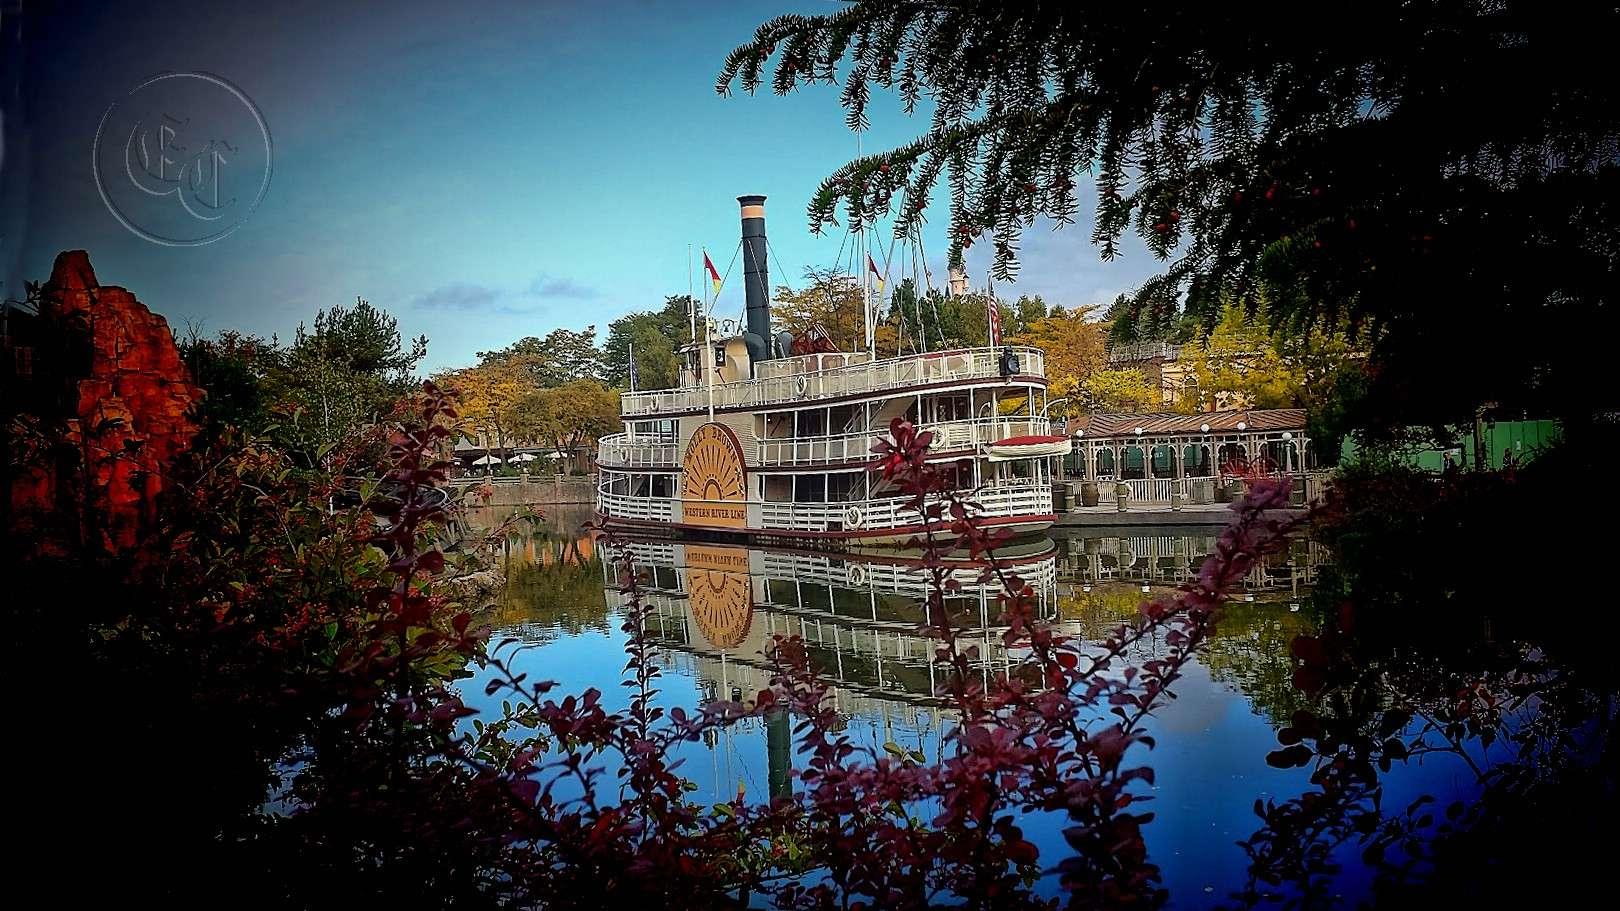 Thunder Mesa Riverboat Landing - River Rogue Keelboats - Pagina 9 Img-2036